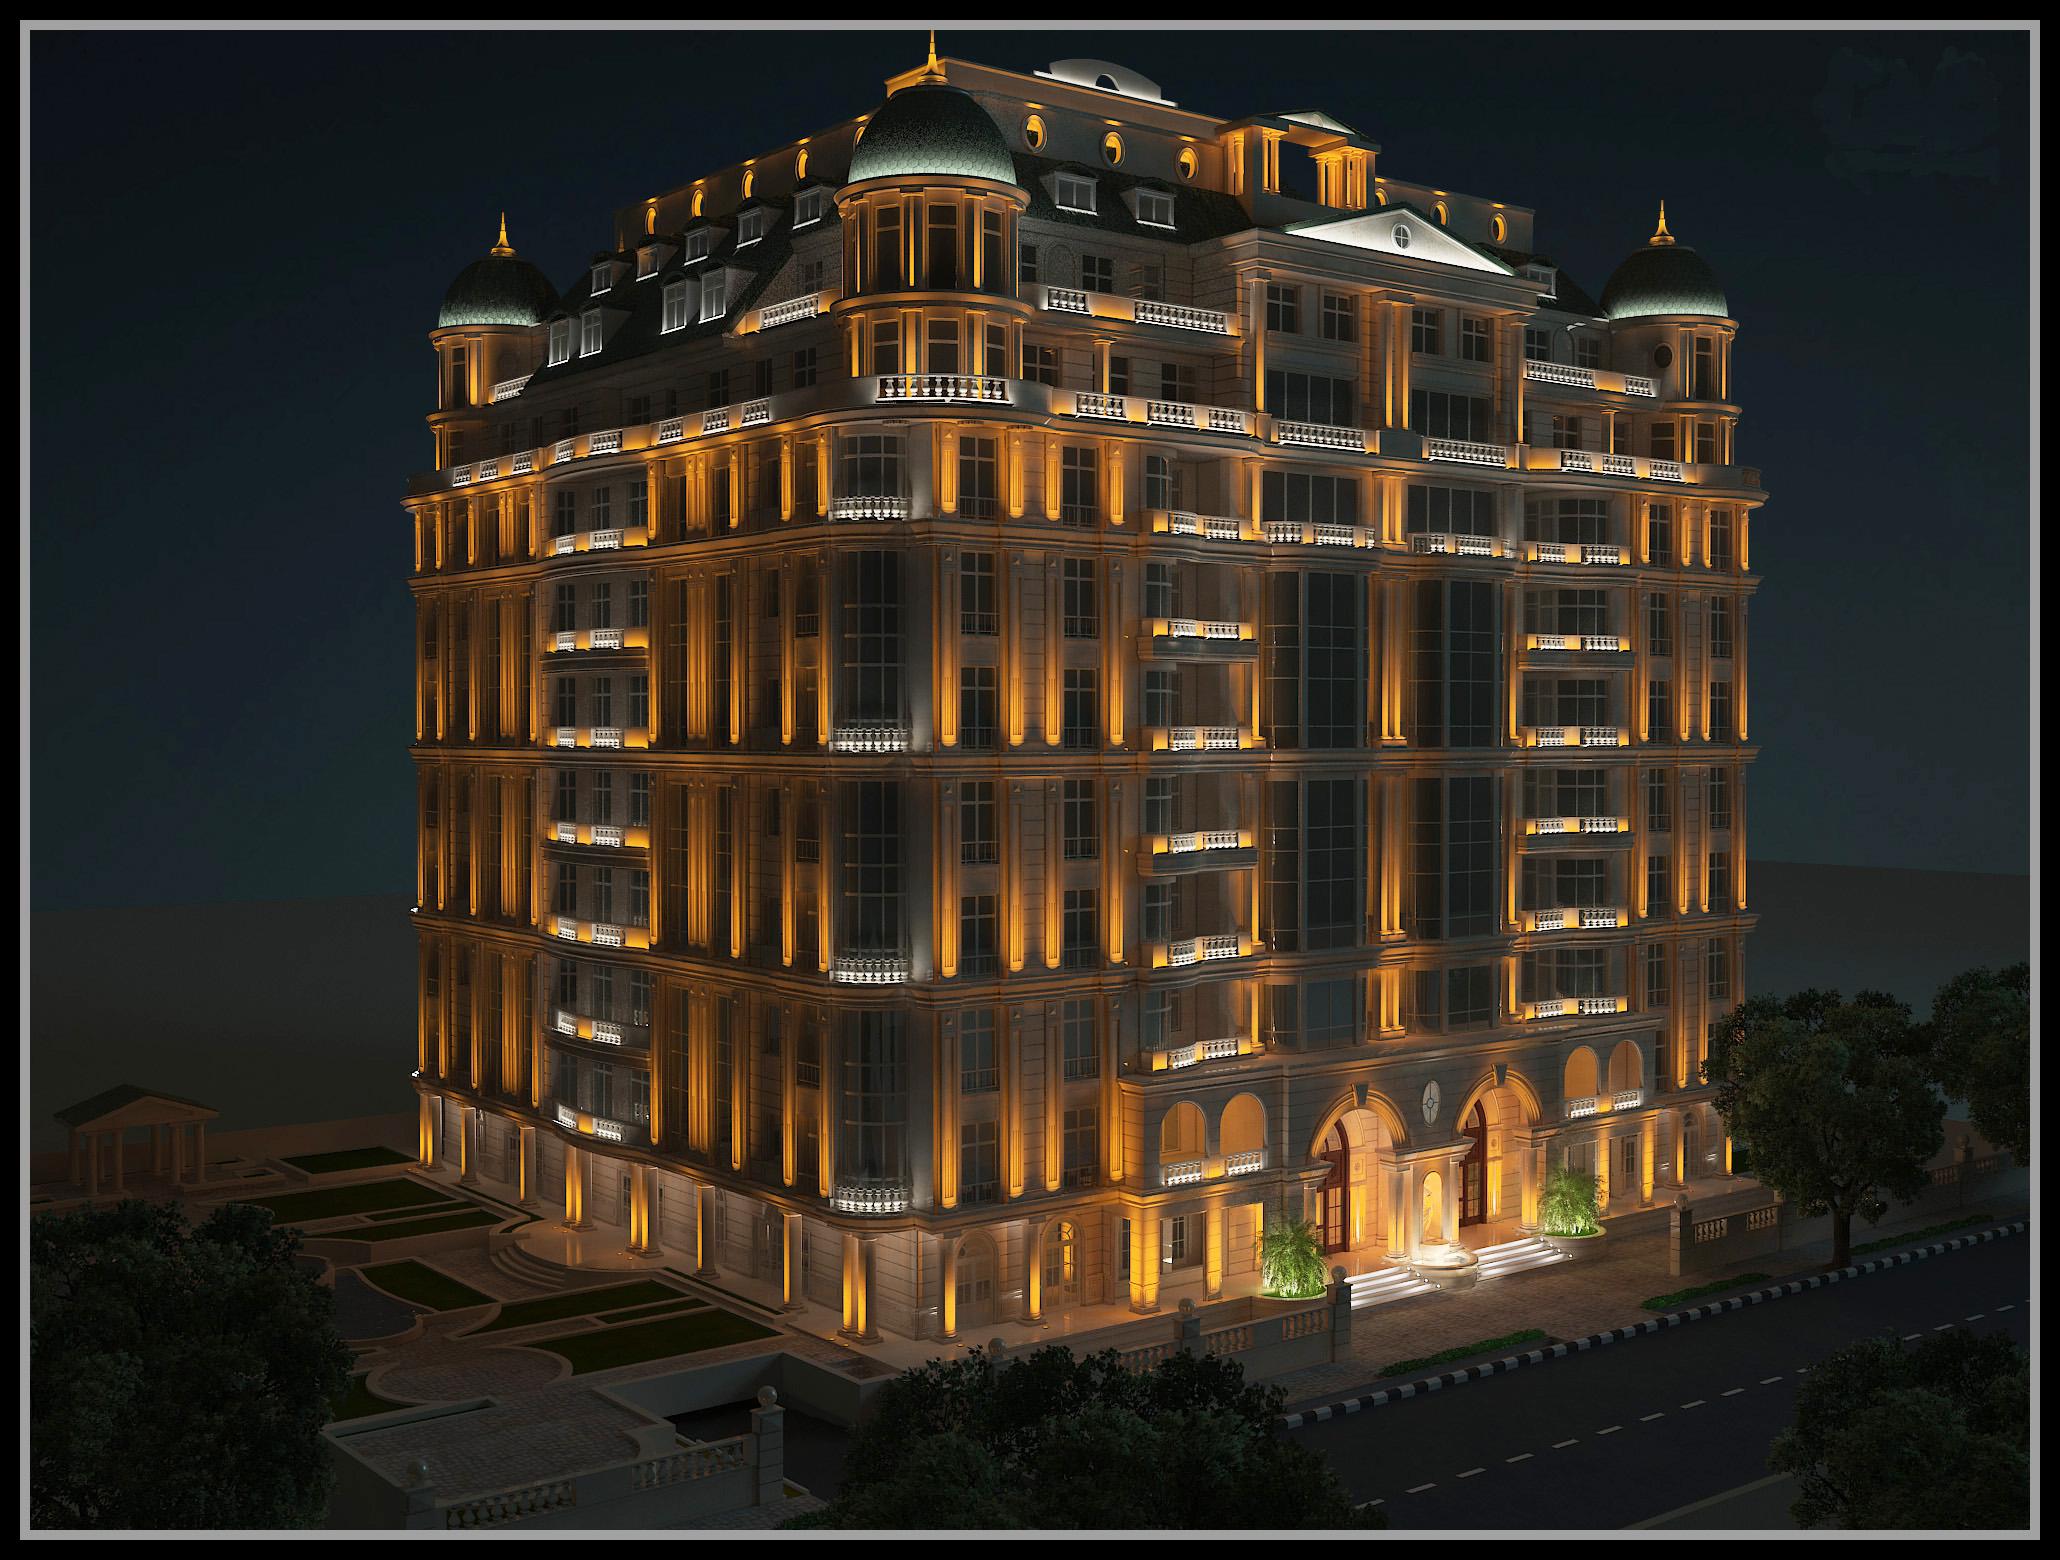 شرکت نورپردازی فاد - مجتمع مسکونی لادن